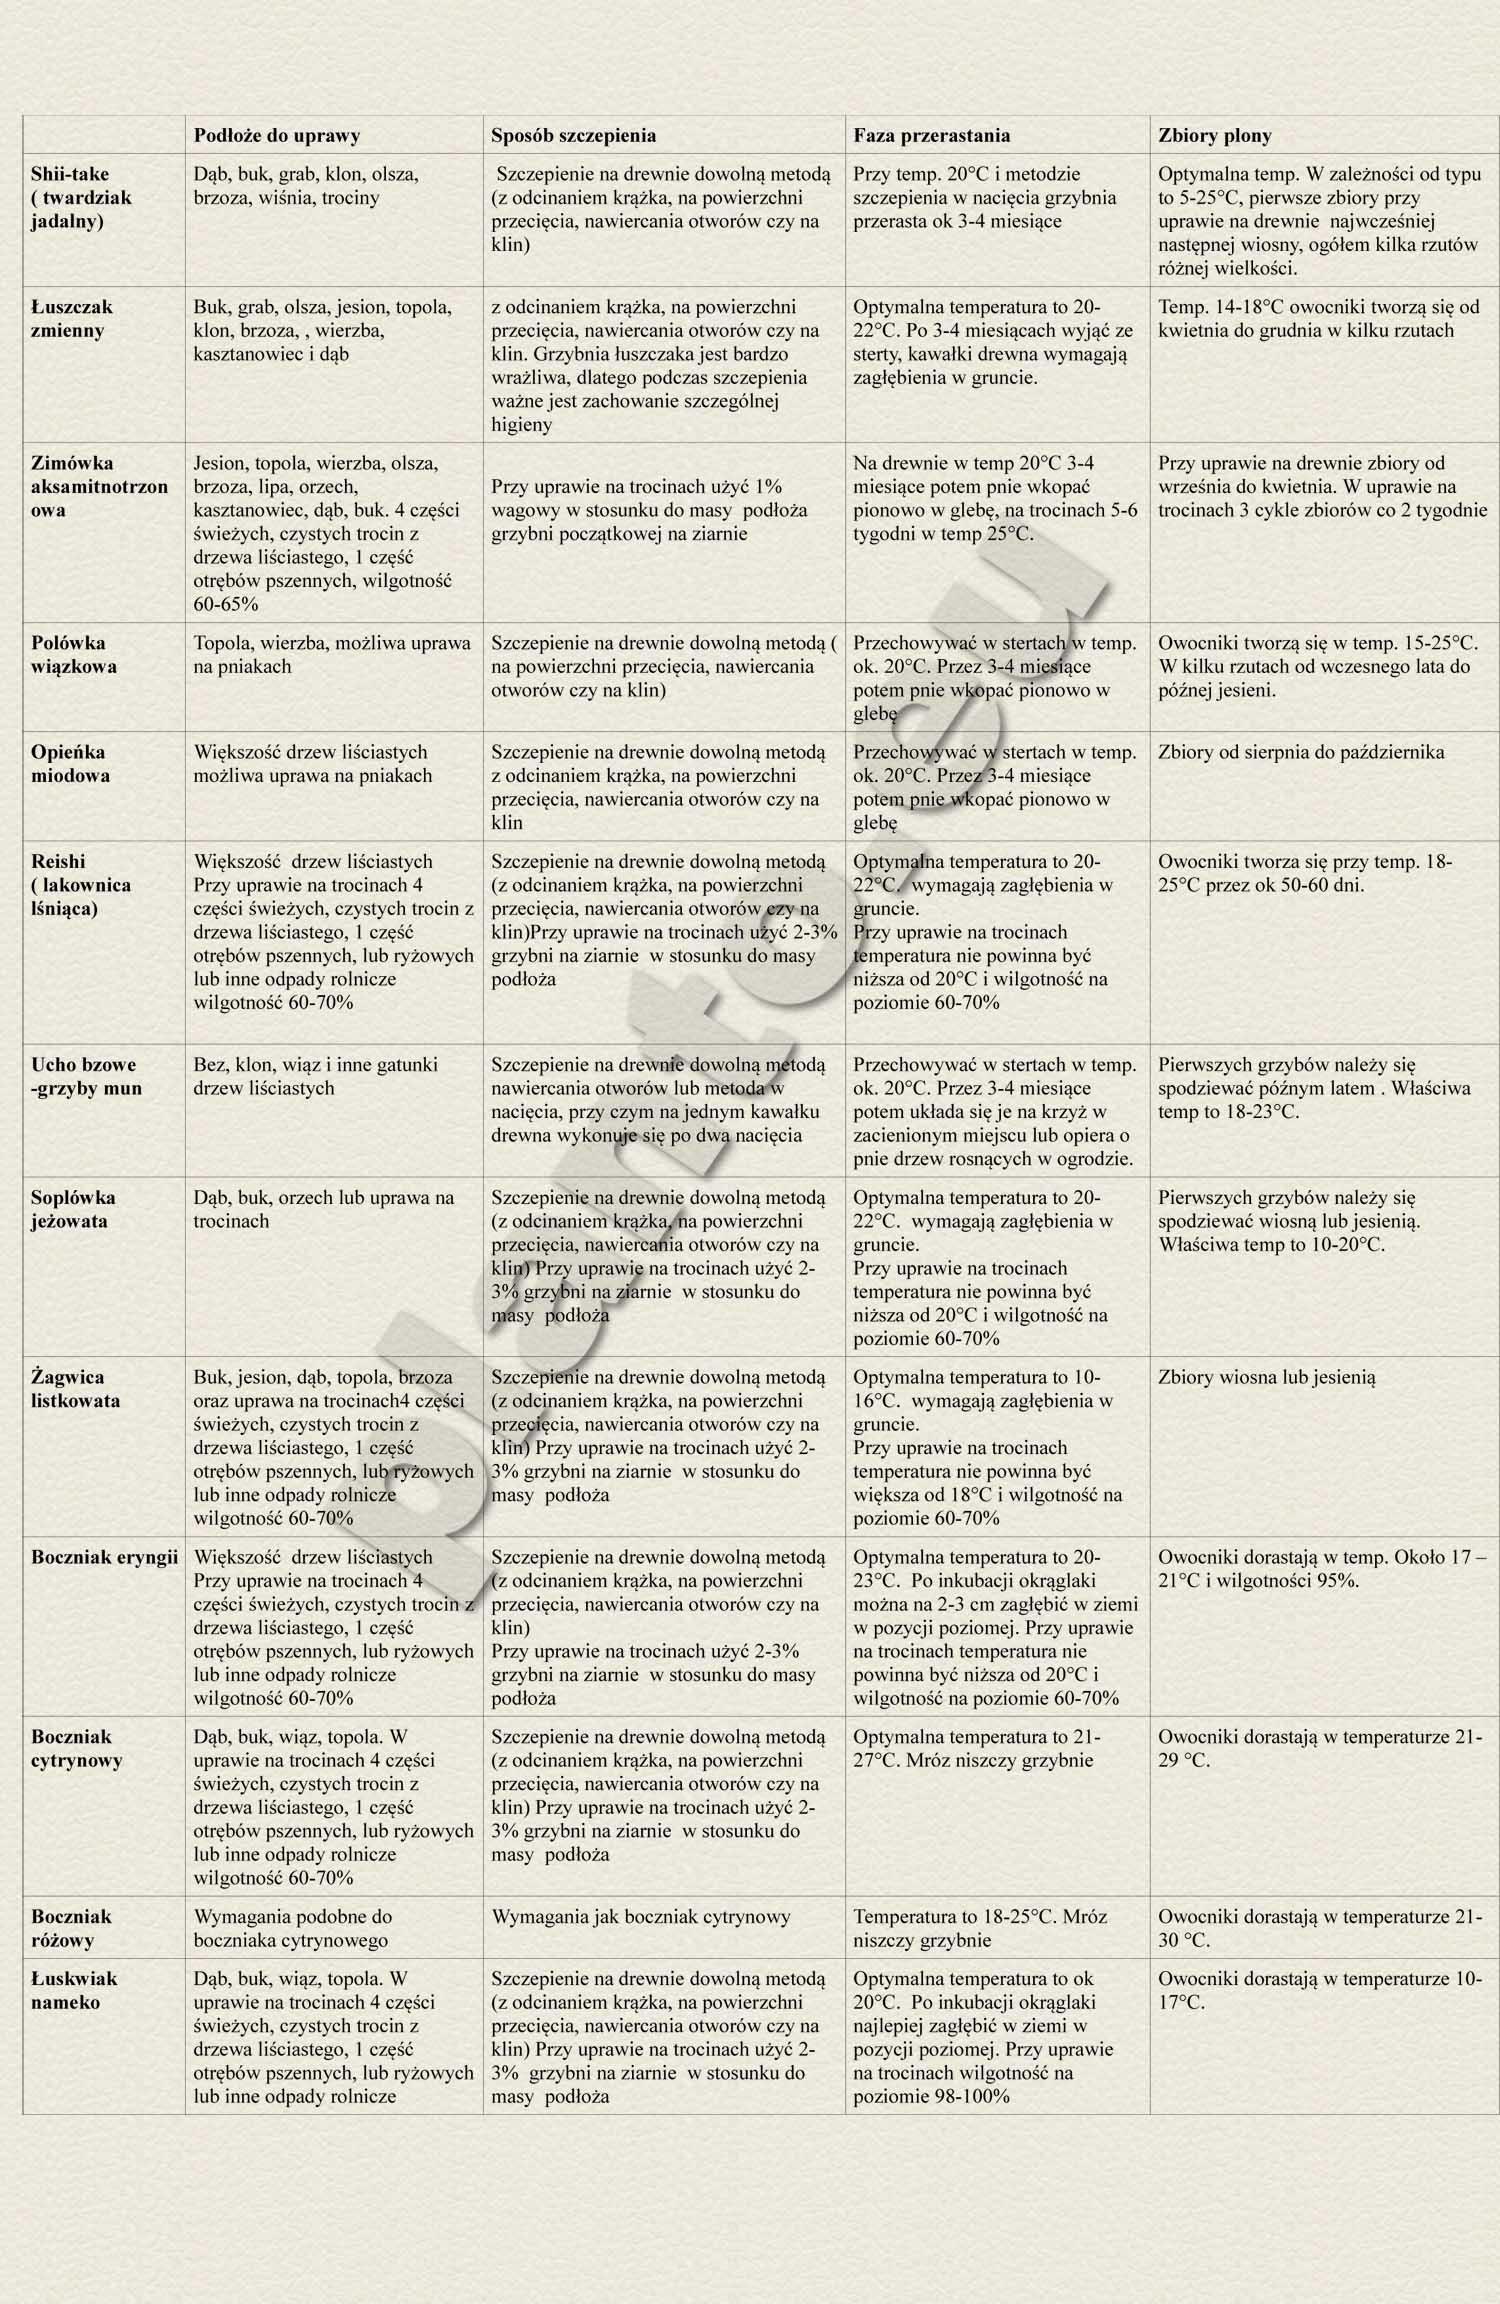 tabela ziarnologo